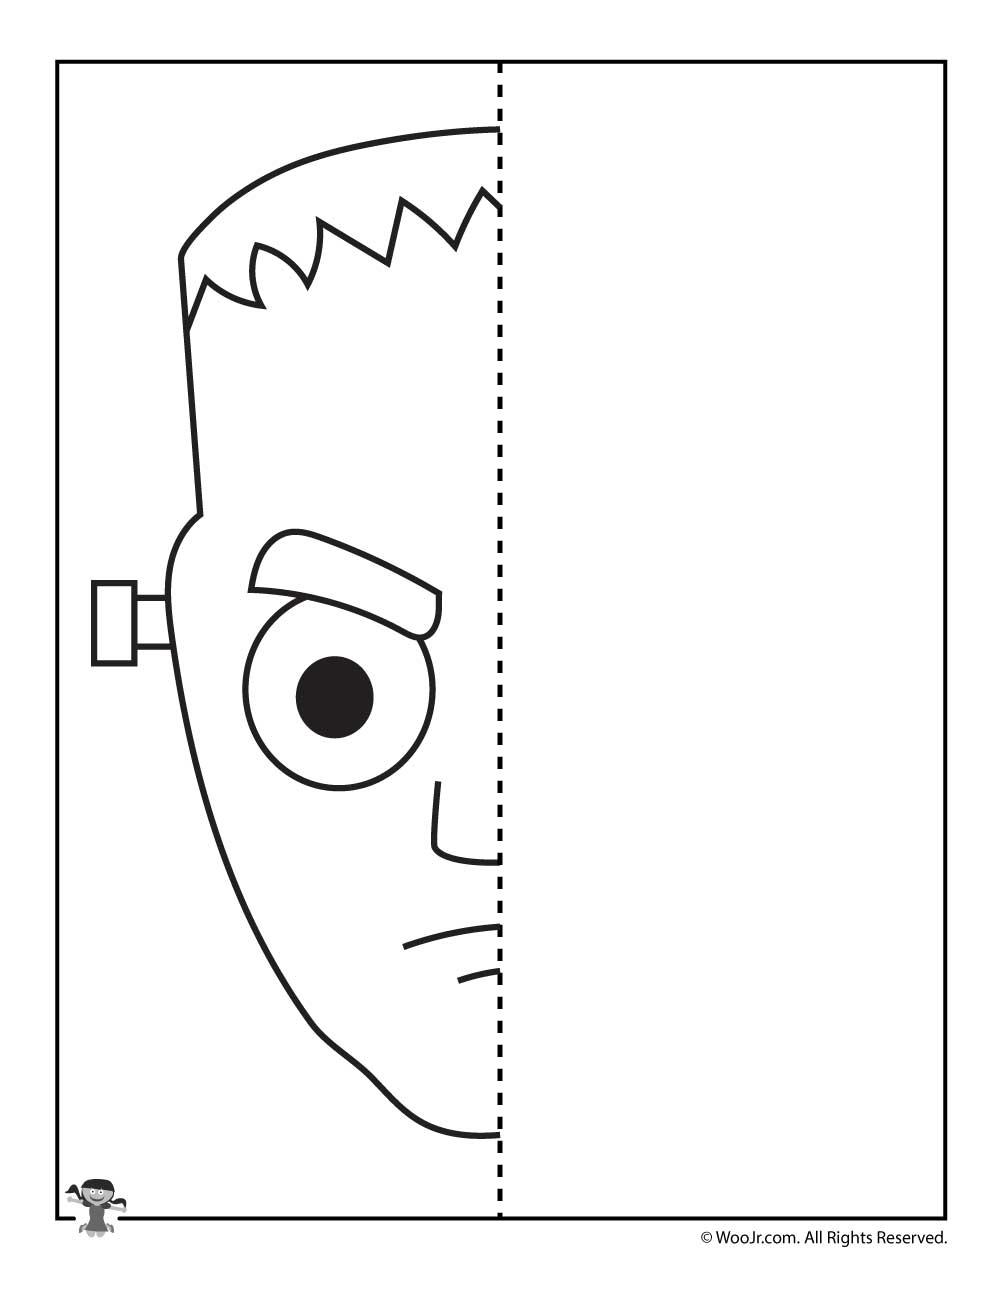 frankenstein halloween drawing activity - Halloween Line Drawings